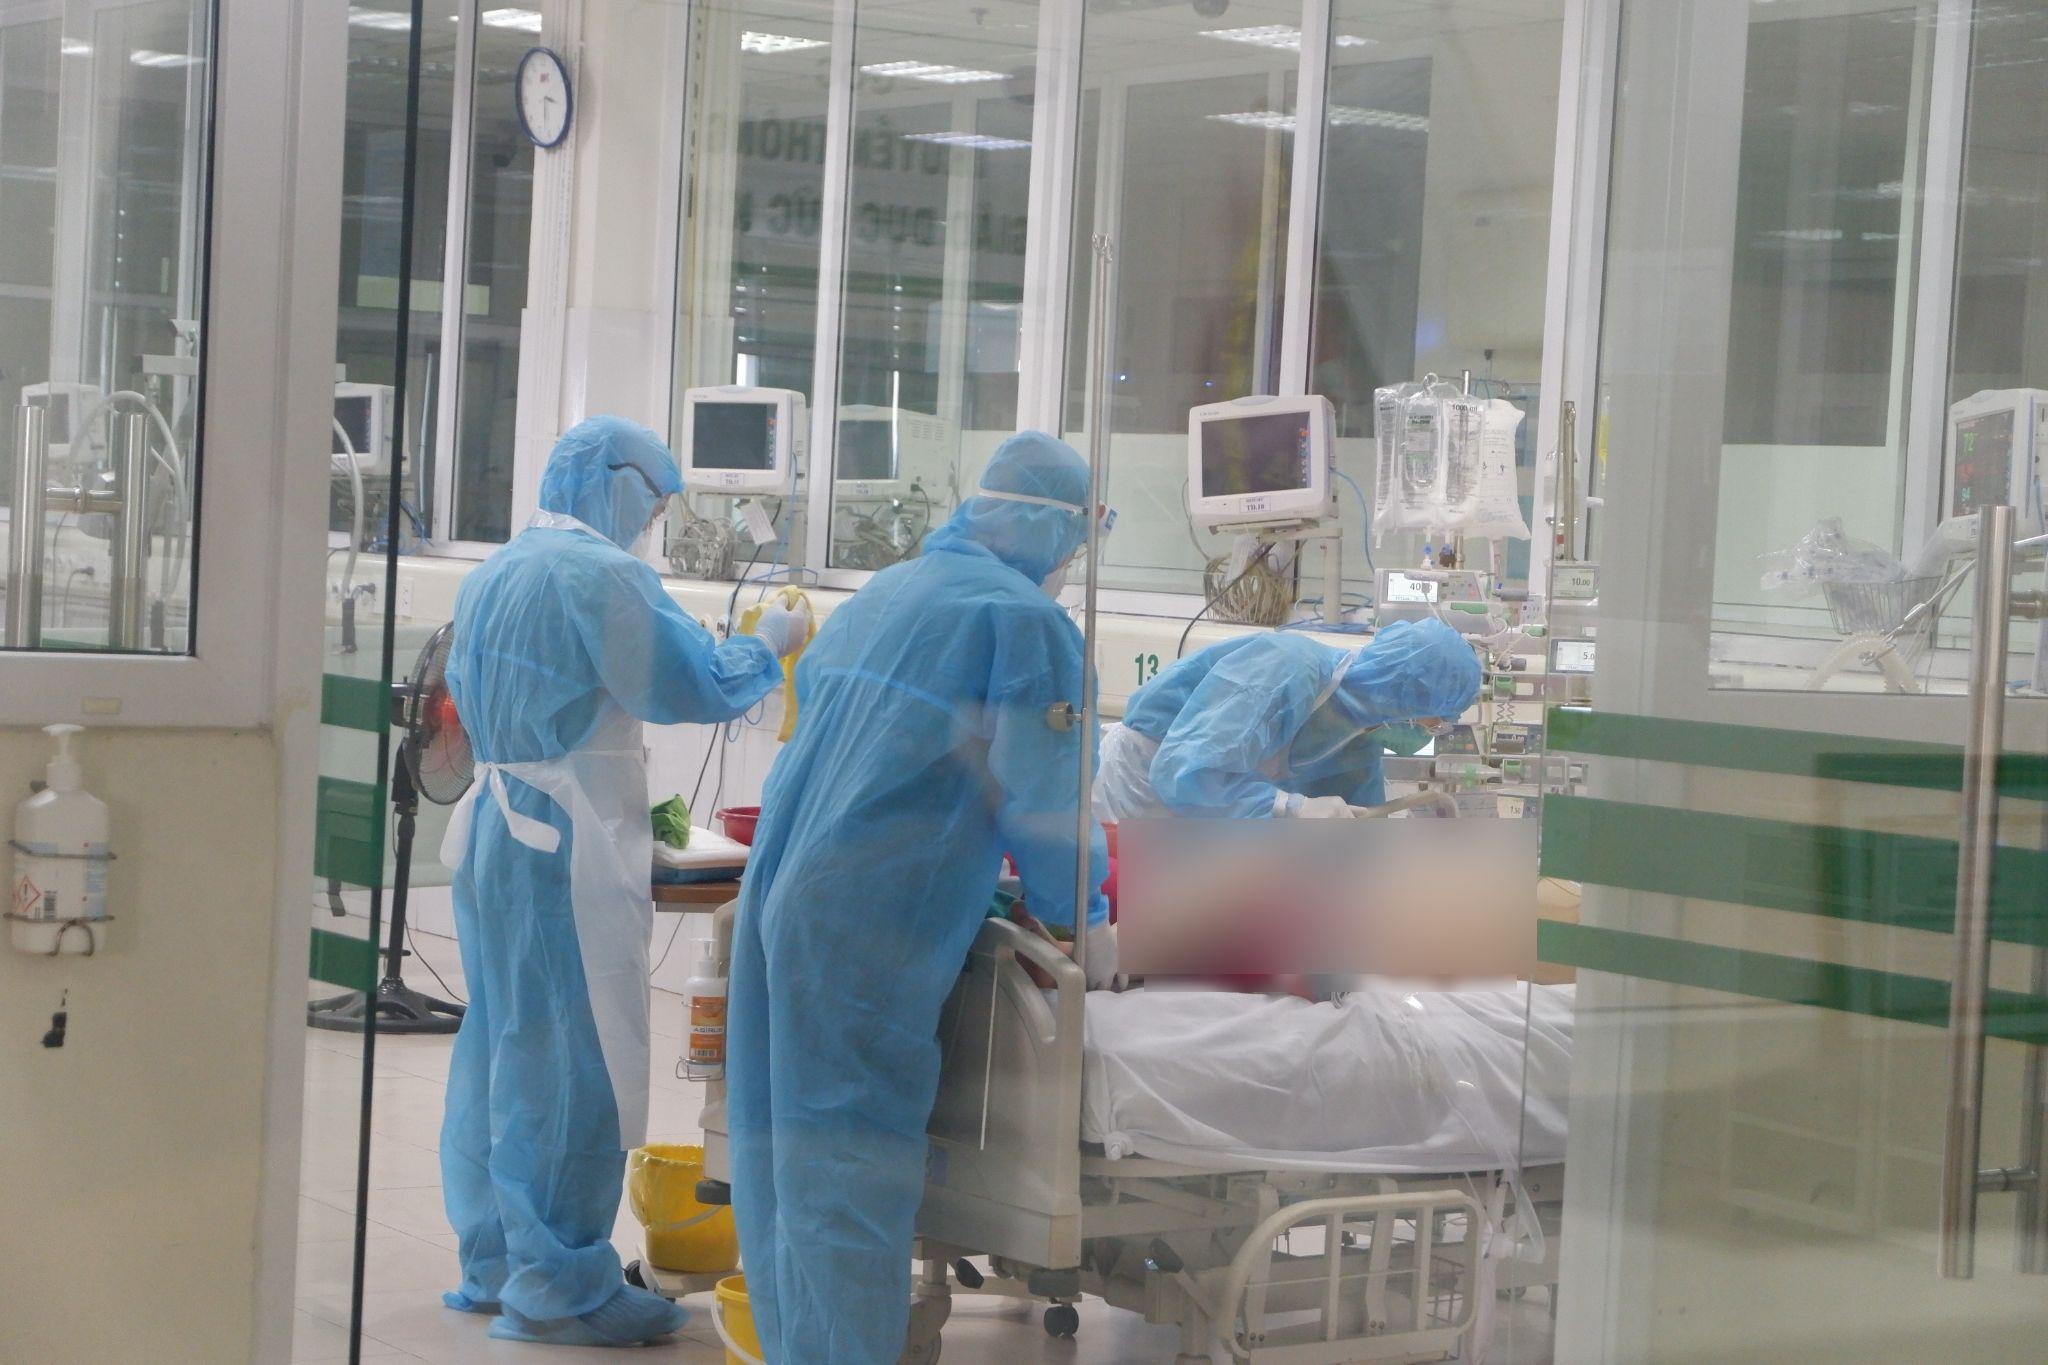 Chiều 5/11, Việt Nam không có ca mắc COVID-19, Châu Âu tiếp tục gia tăng các biện pháp chống dịch - Ảnh 1